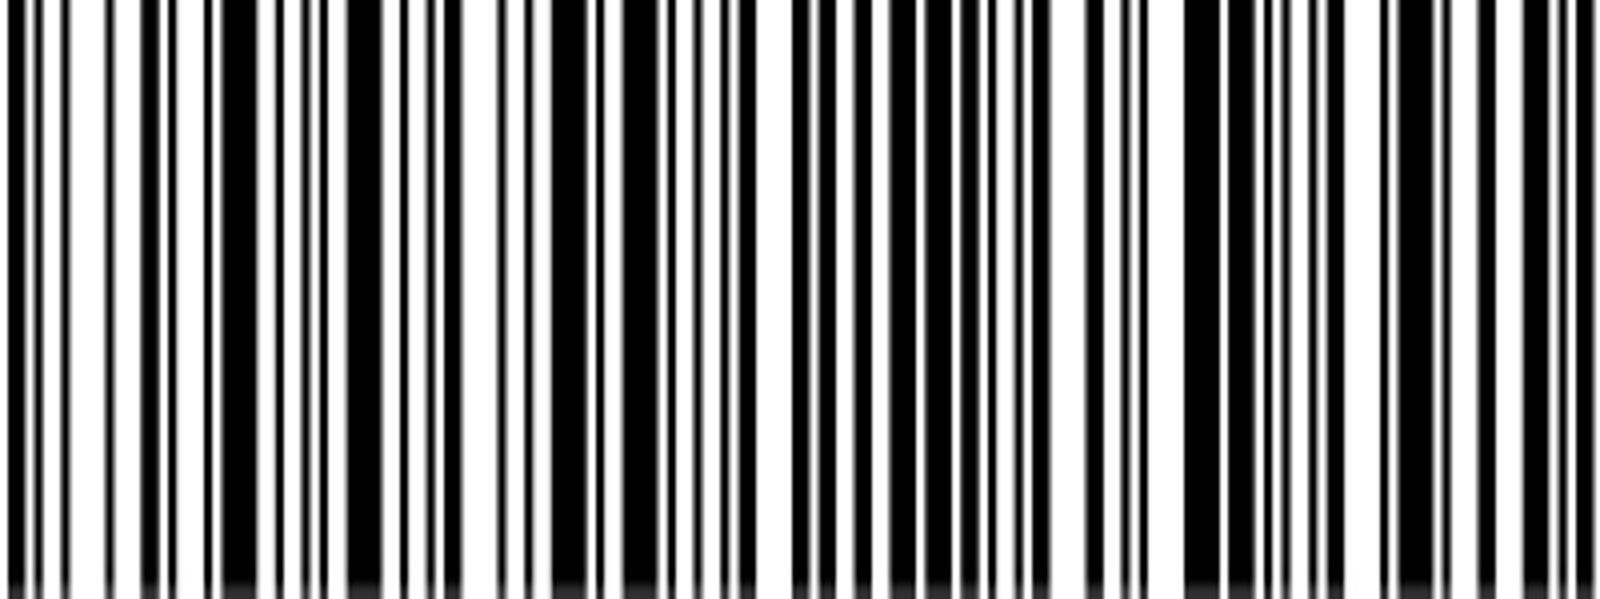 Por qué la imagen del codigo de barras tiene que ser vectorial?.